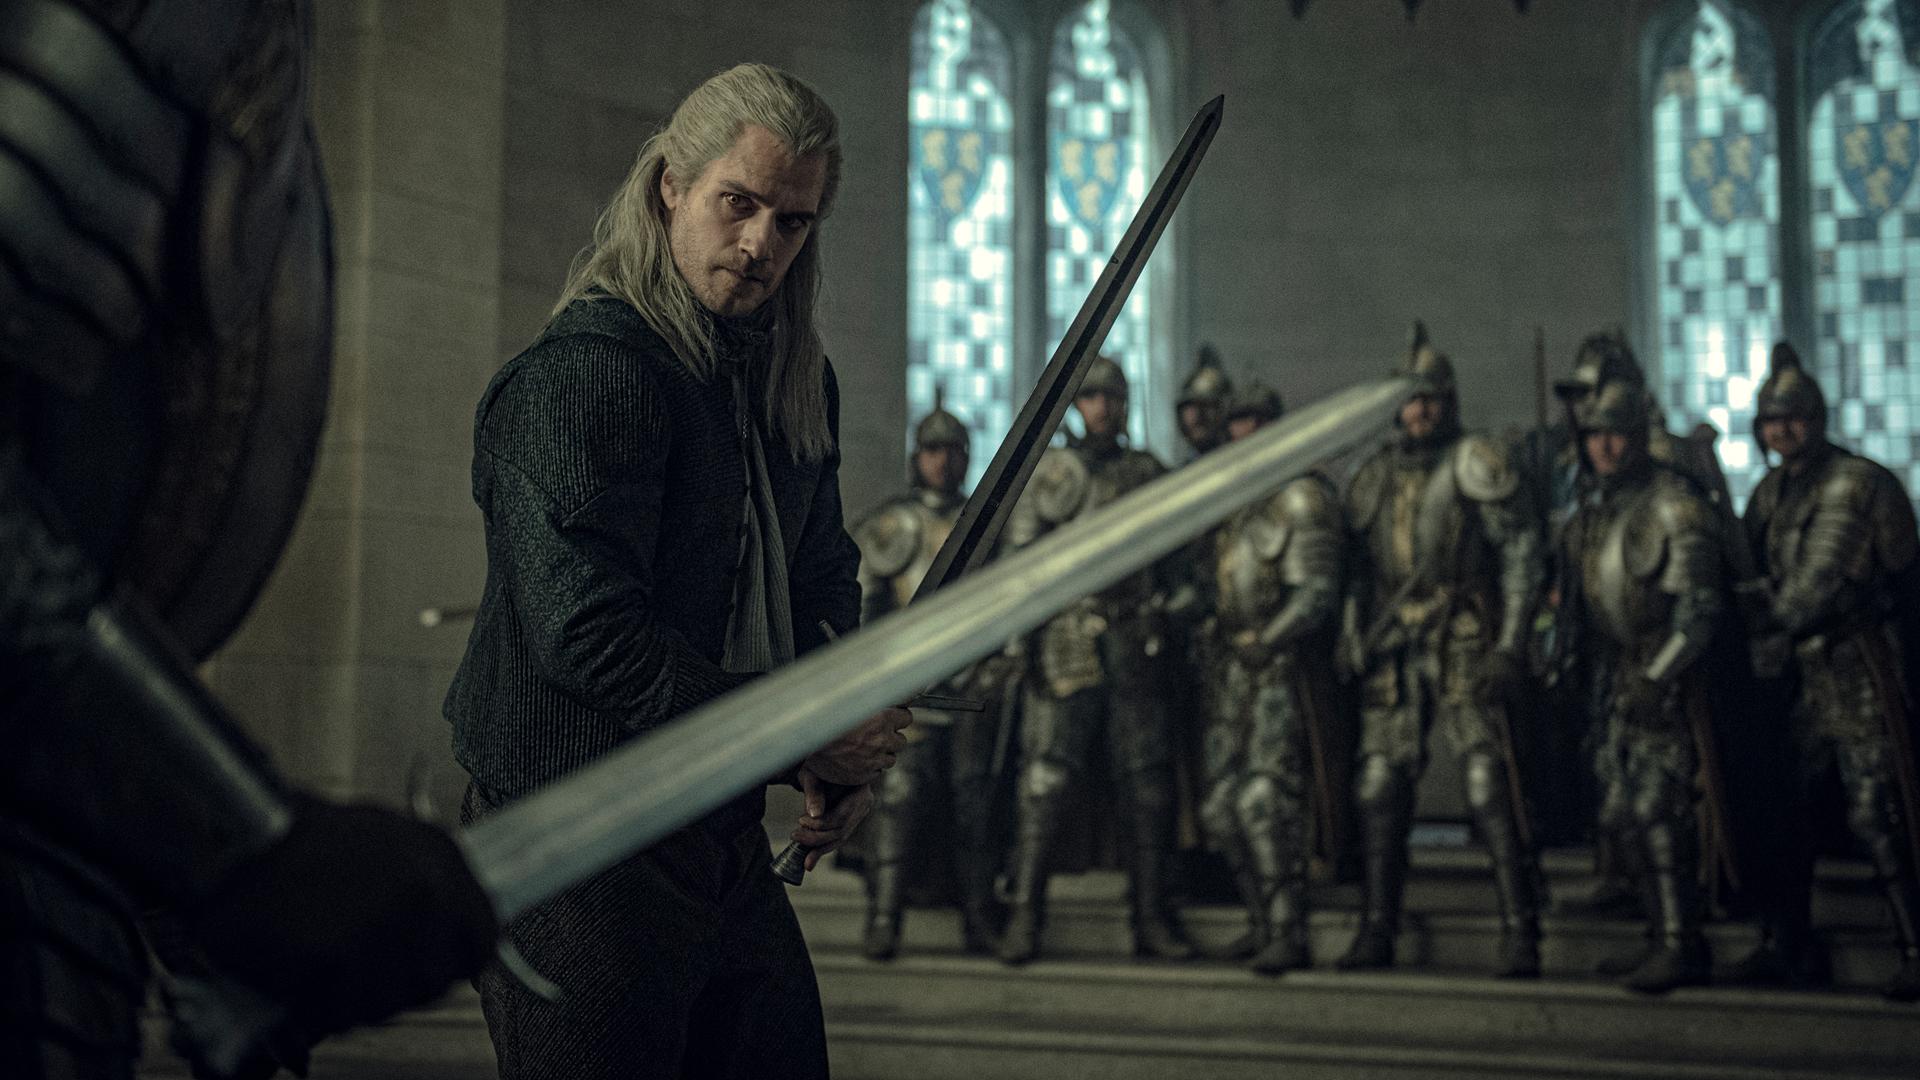 Geralt of Rivia Sword Fight production still